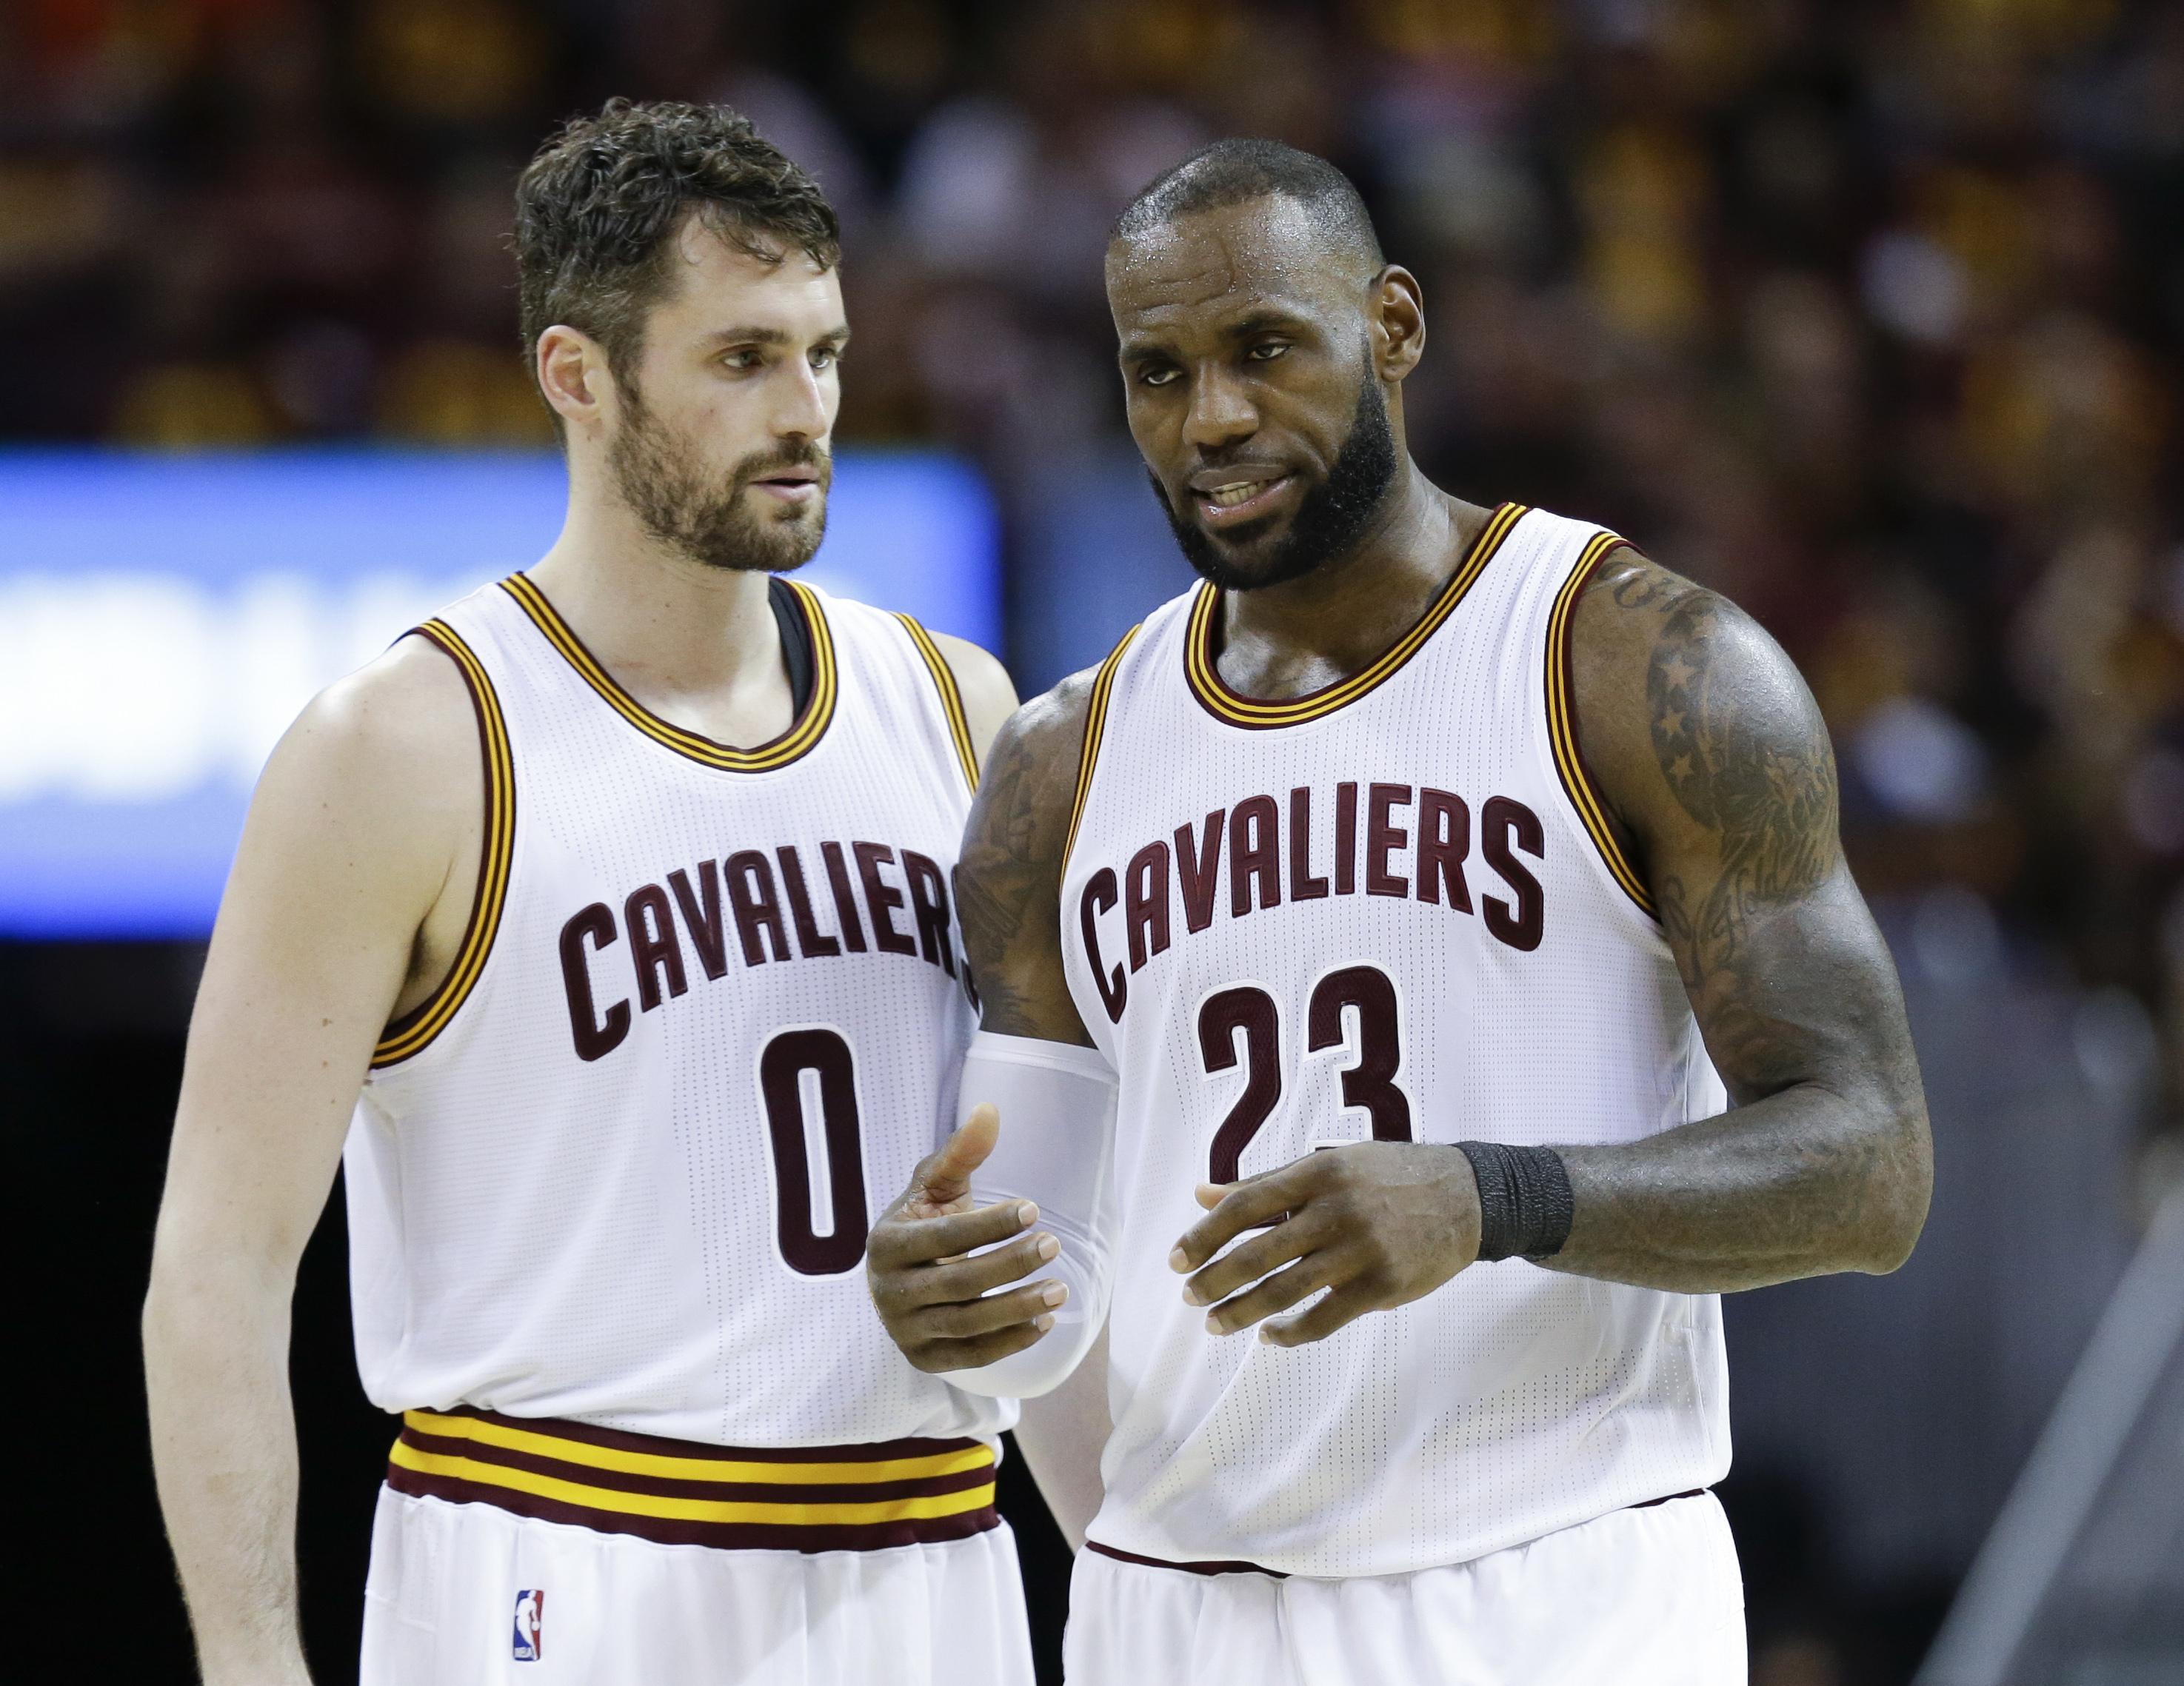 Celtics_cavaliers_basketball_79123